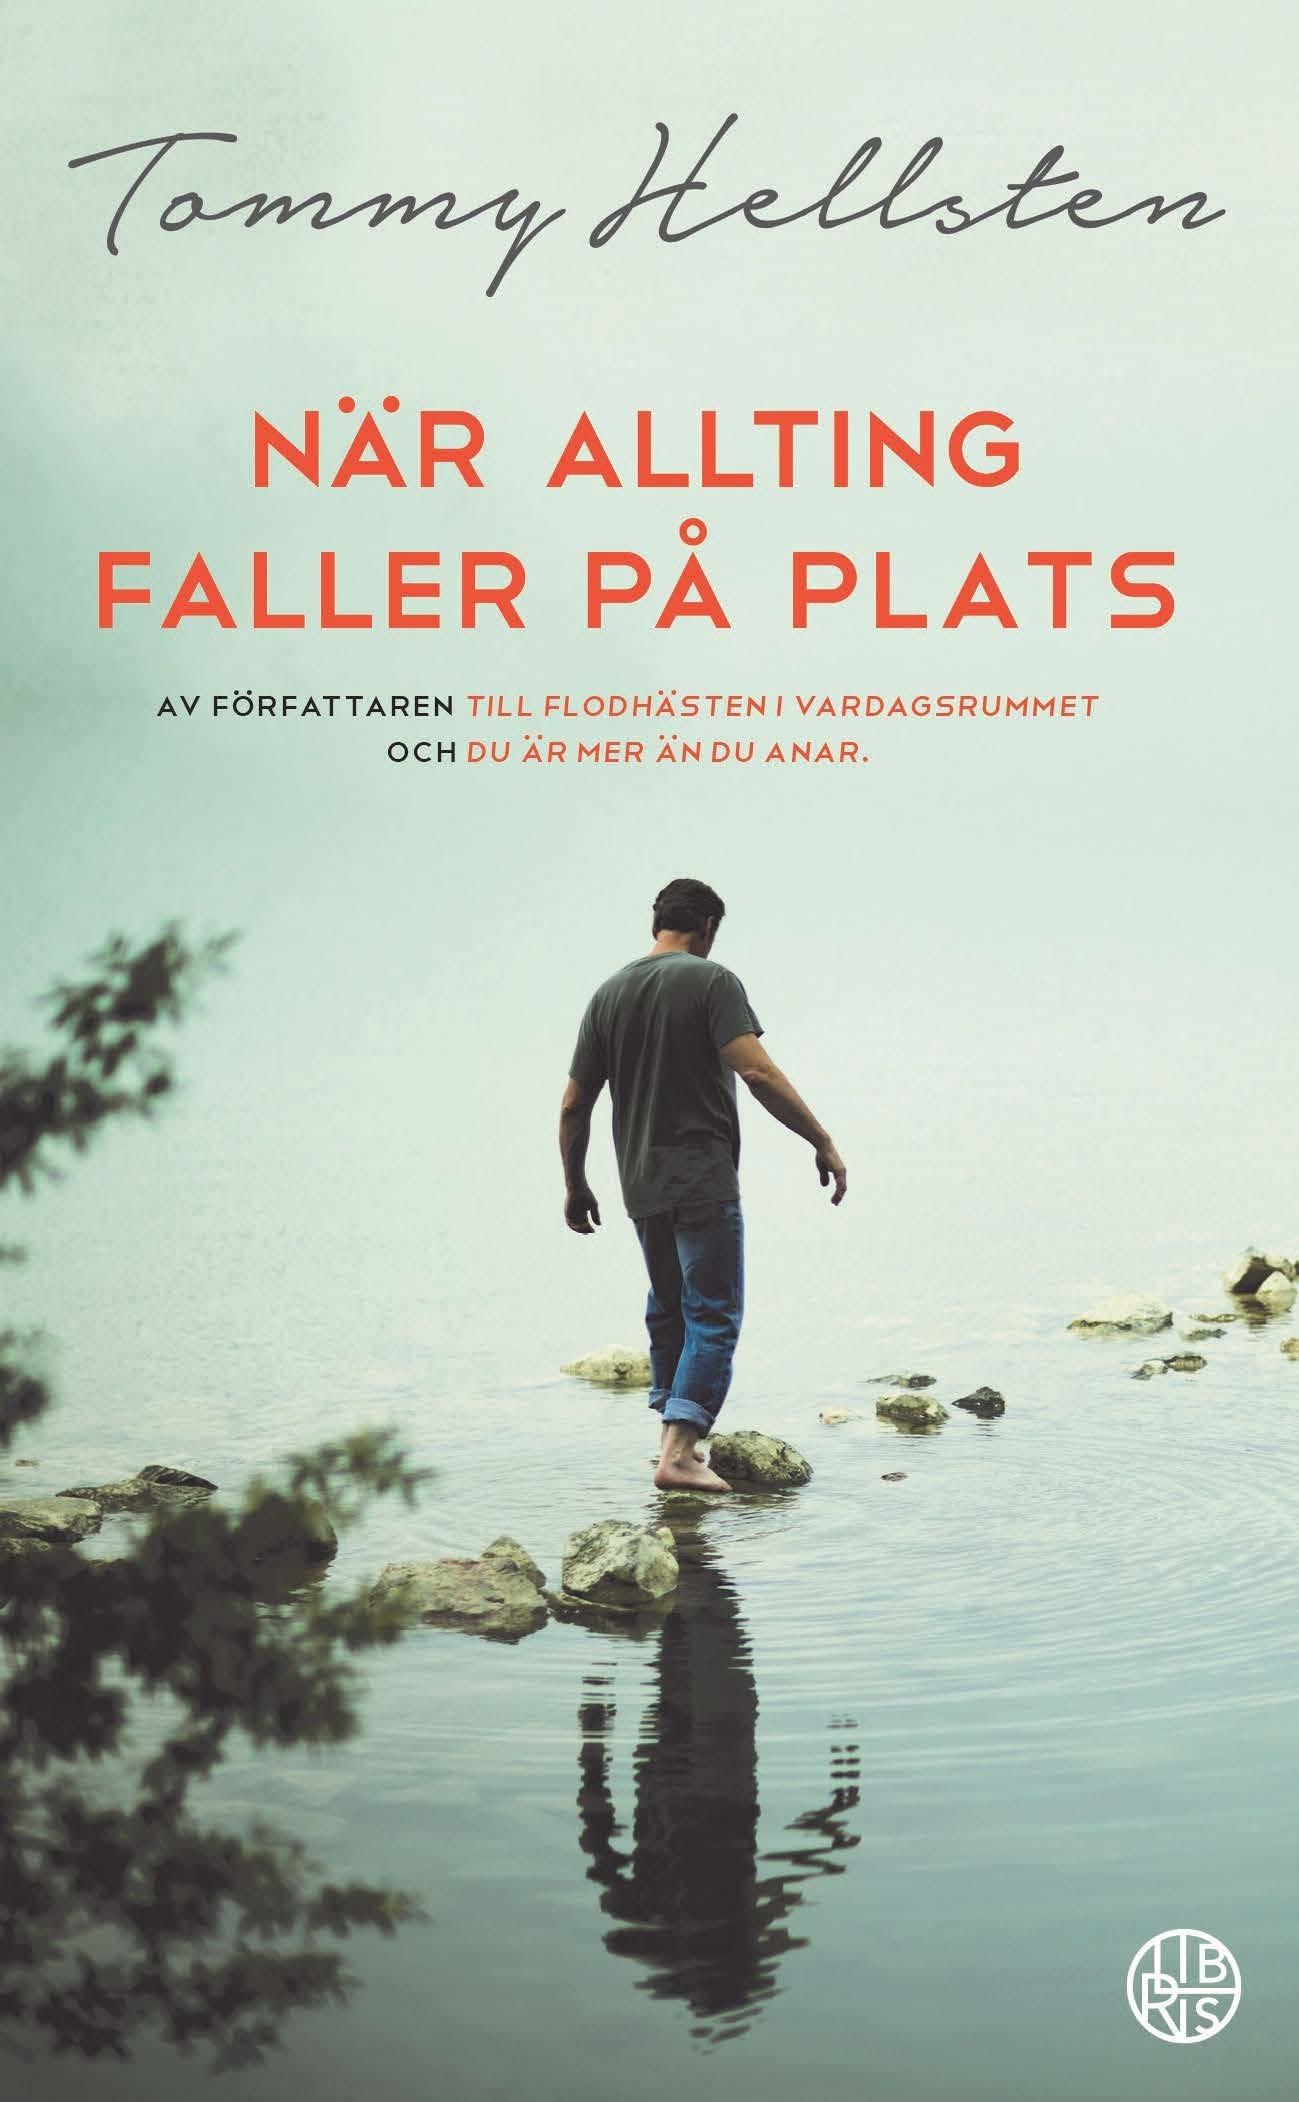 Image for När allting faller på plats from Suomalainen.com